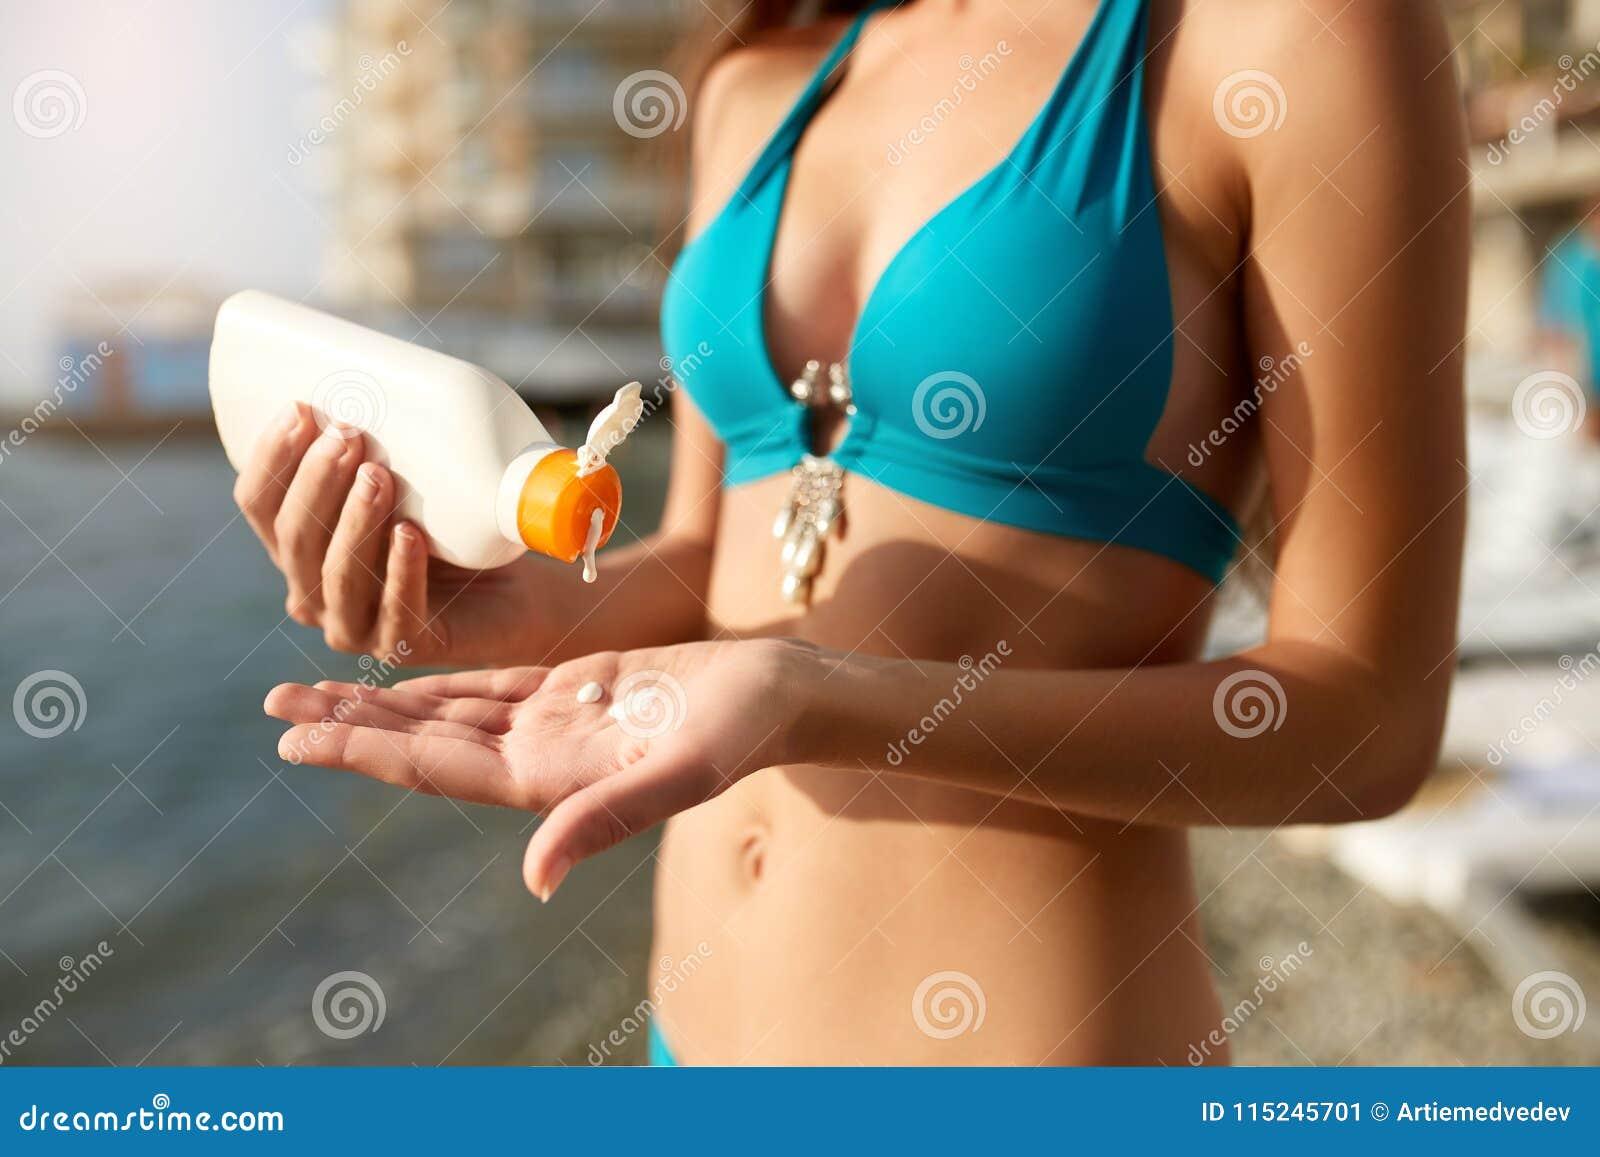 La femme remet mettre la protection solaire d une bouteille de crème de bronzage Suncream femelle caucasien de compression sur sa